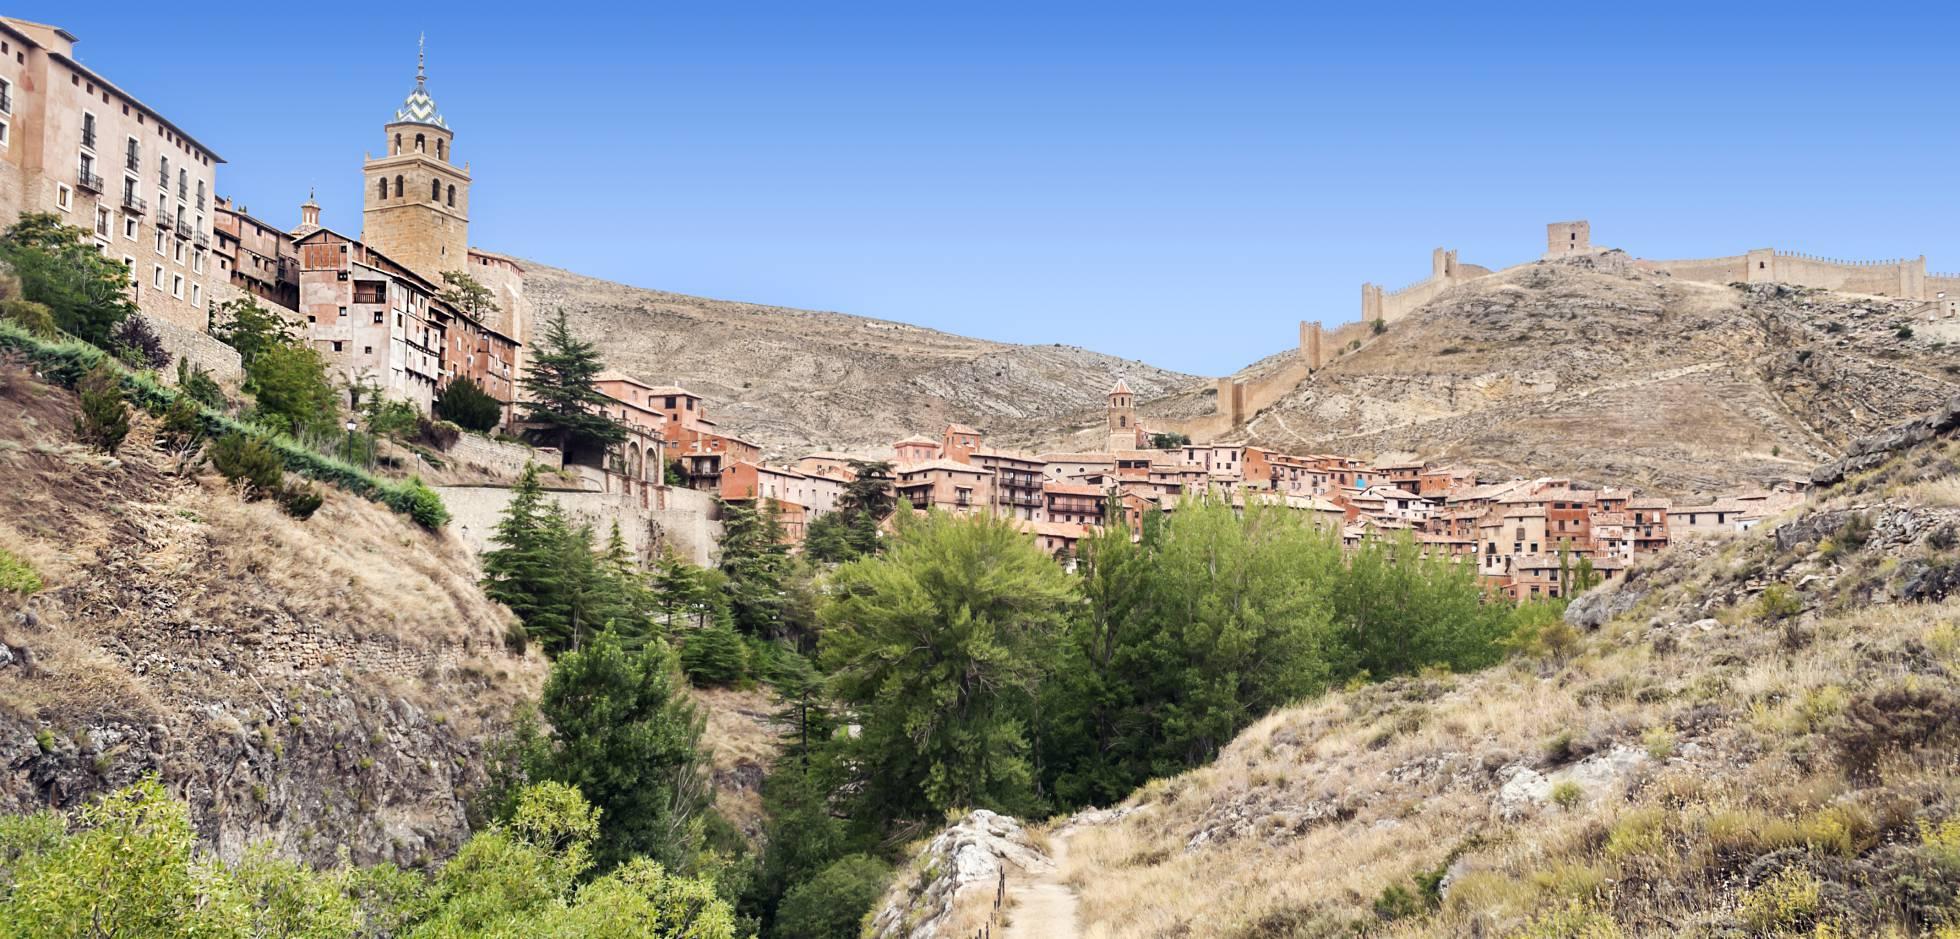 Los 10 pueblos más bonitos de Aragón según los lectores de EL PAÍS